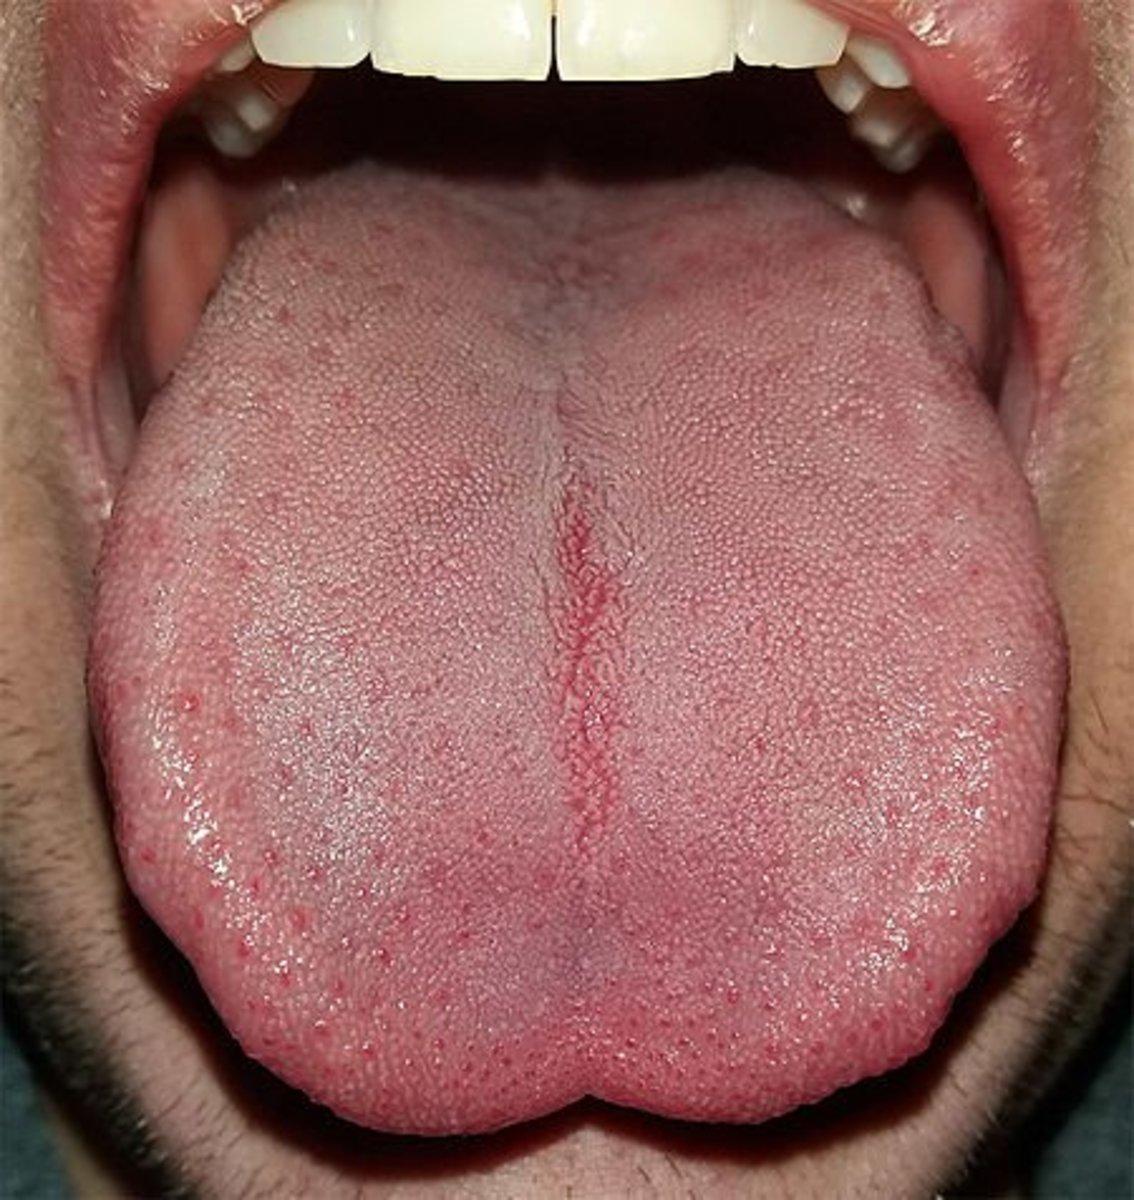 Unhealthy Healthy Tongue – Meta Morphoz